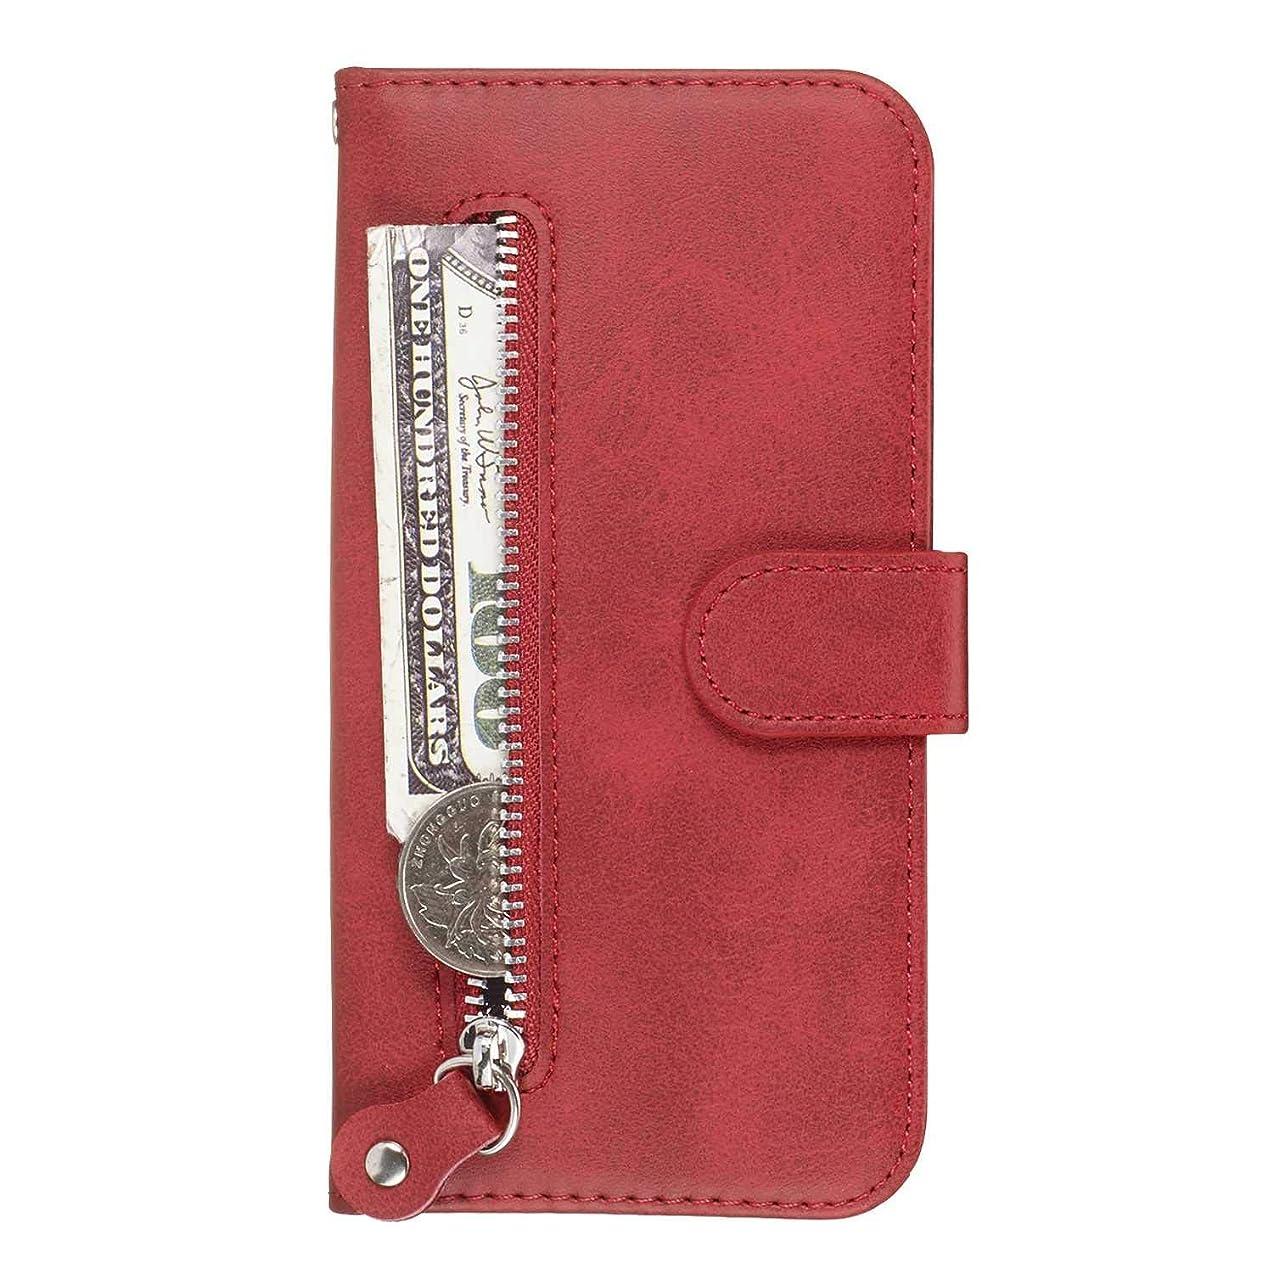 関係広範囲に不快なOMATENTI Huawei Y9 Prime 2019 ケース, 軽量 PUレザー 薄型 簡約風 人気カバー バックケース Huawei Y9 Prime 2019 用 Case Cover, 液晶保護 カード収納, 財布とコインポケット付き, 赤